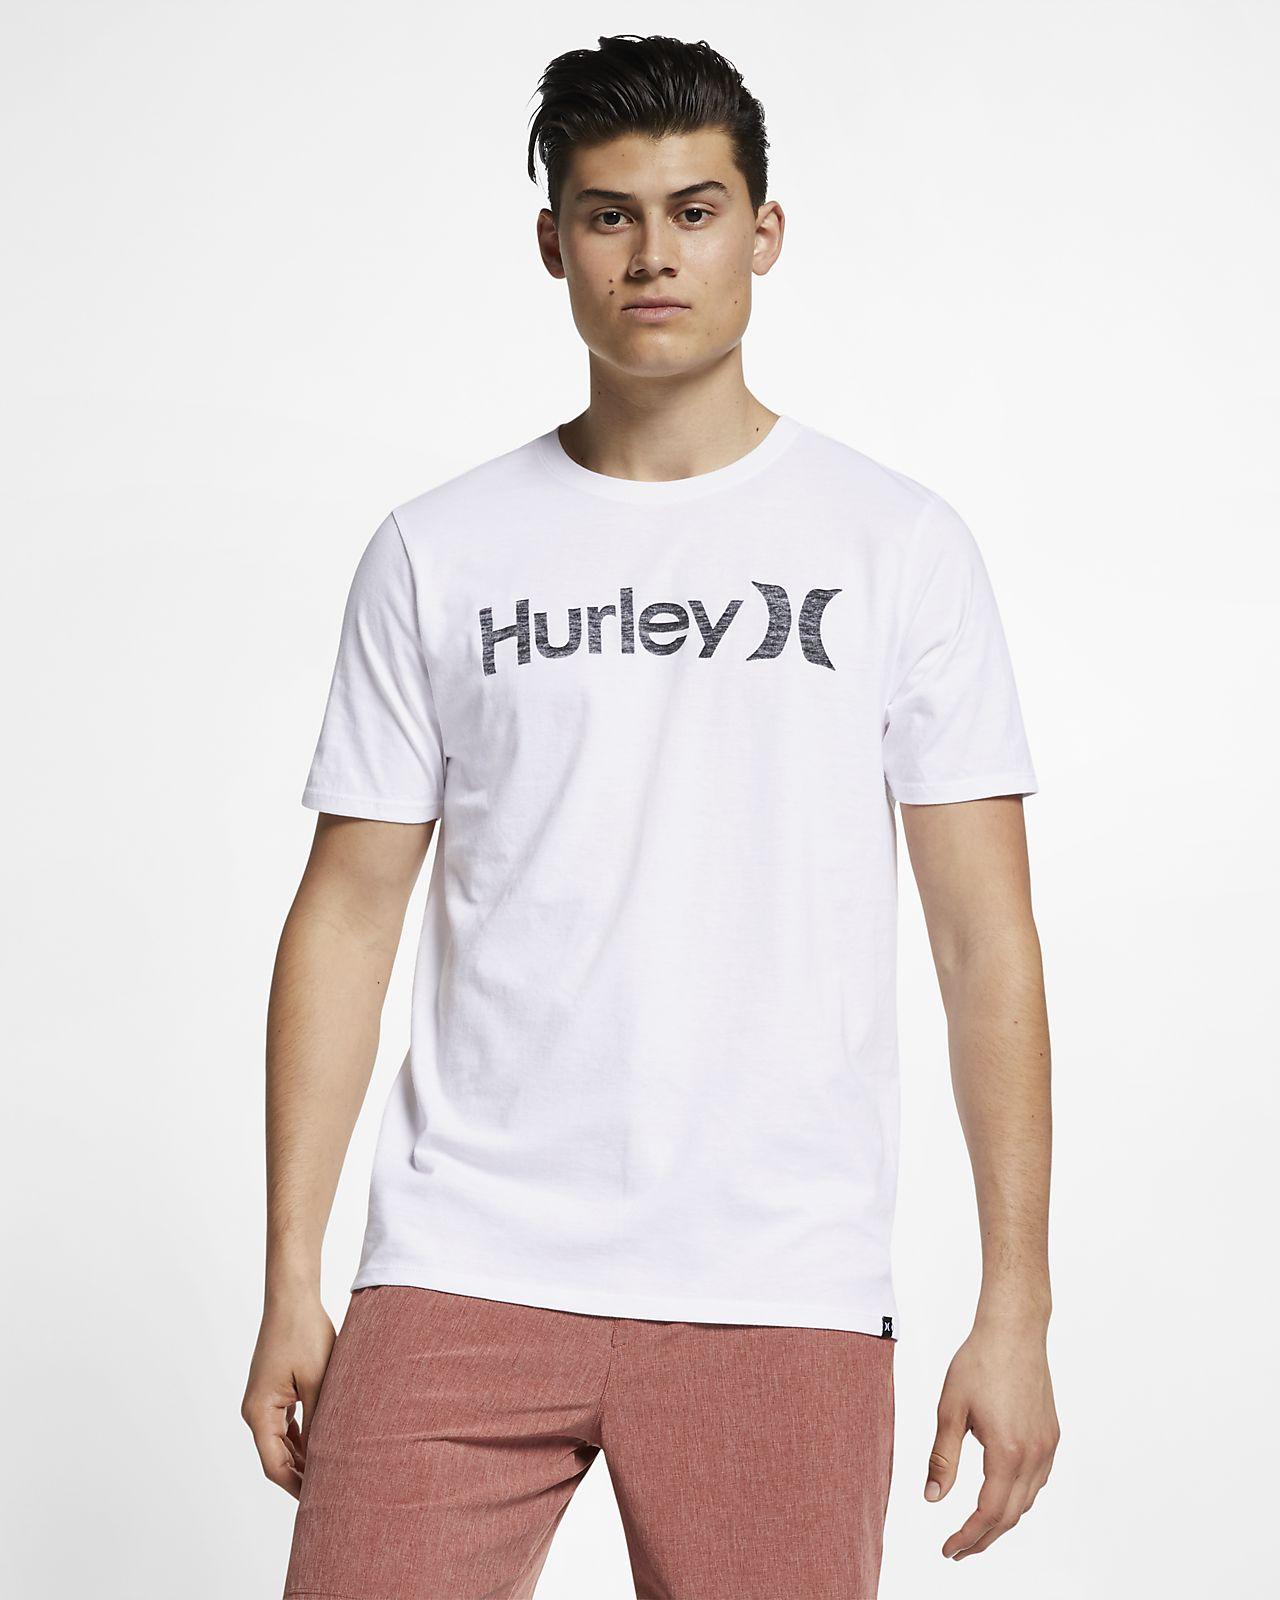 Hurley Premium One And Only Push Through Herren-T-Shirt